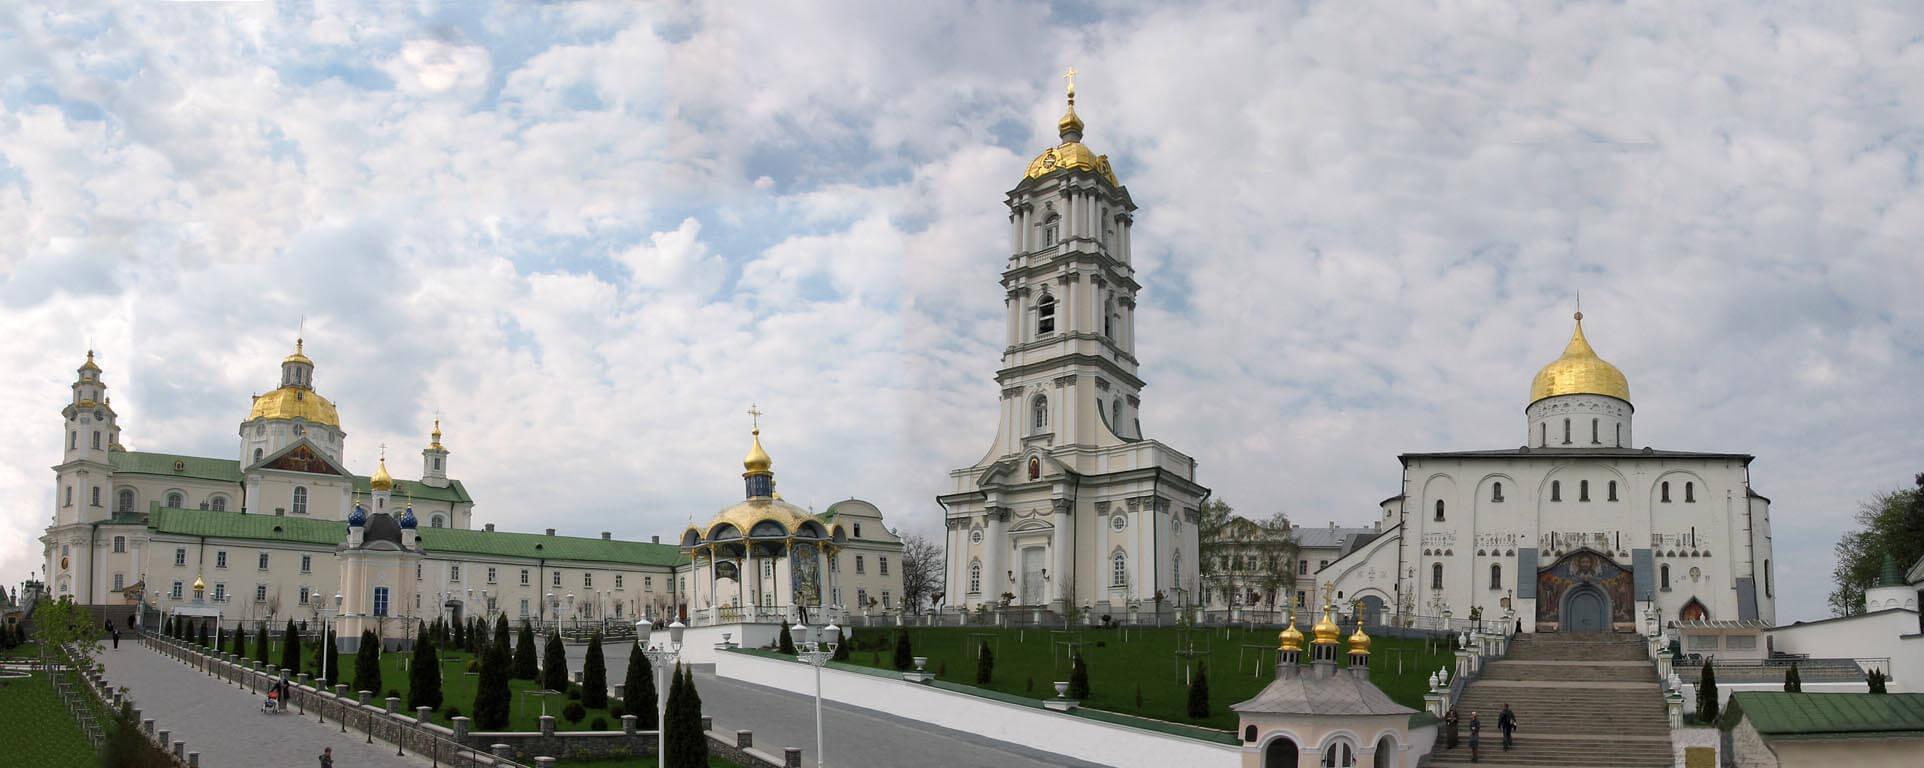 Свято Успенская Почаевская Лавра